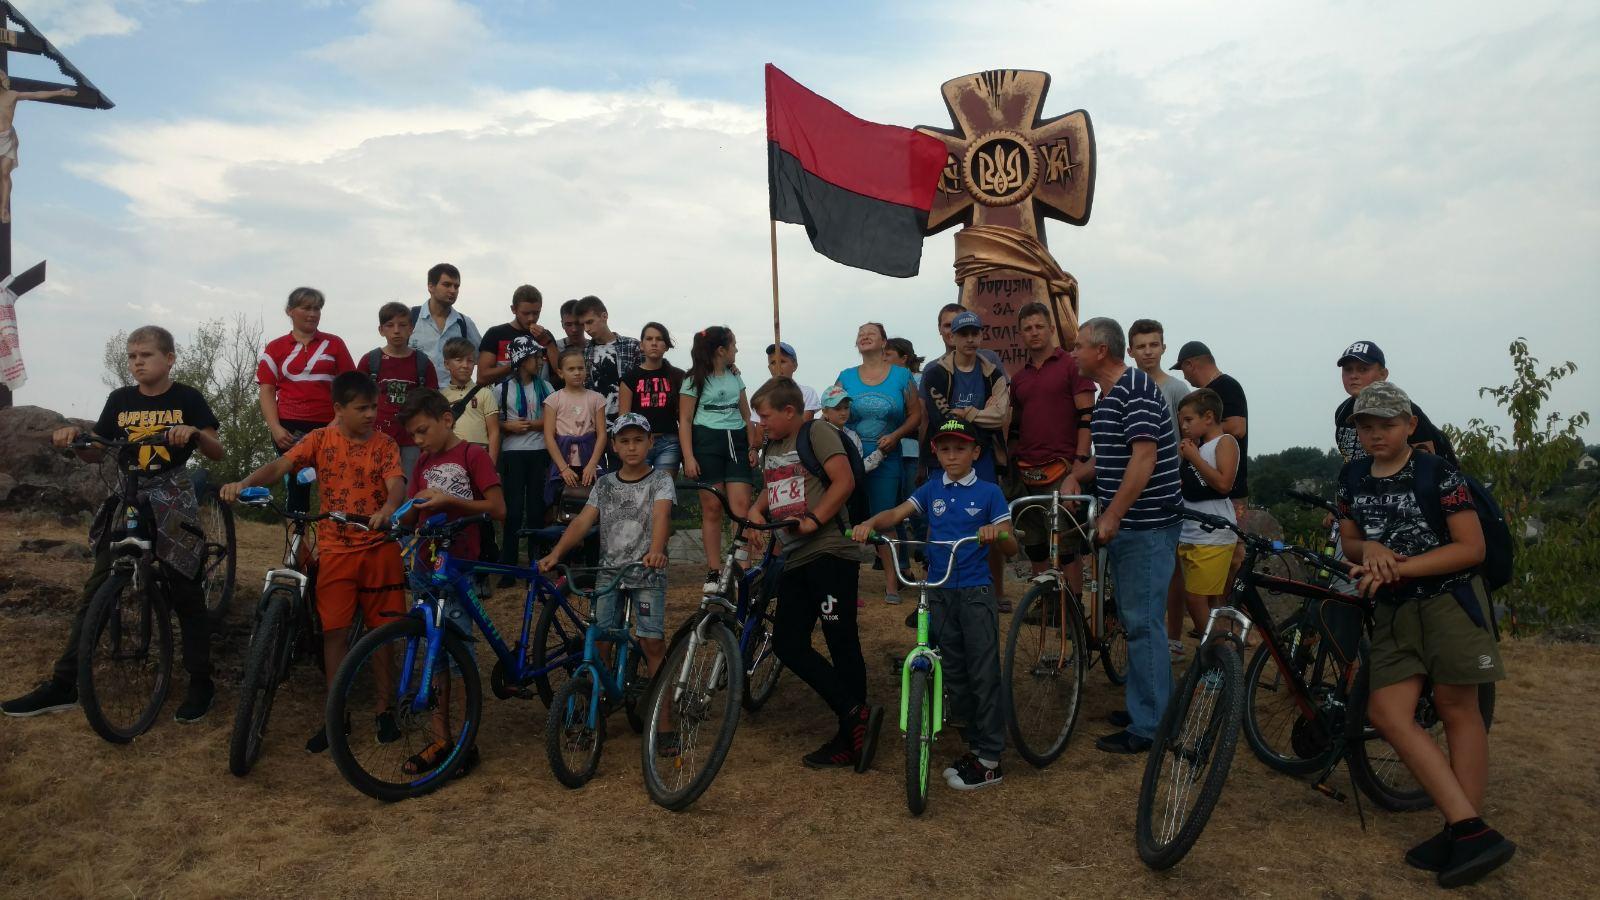 День Незалежності громада Гопчиці провела велопробіг, присвячений отаману УНР, генерал-хорунжому УПА Івану Трейку